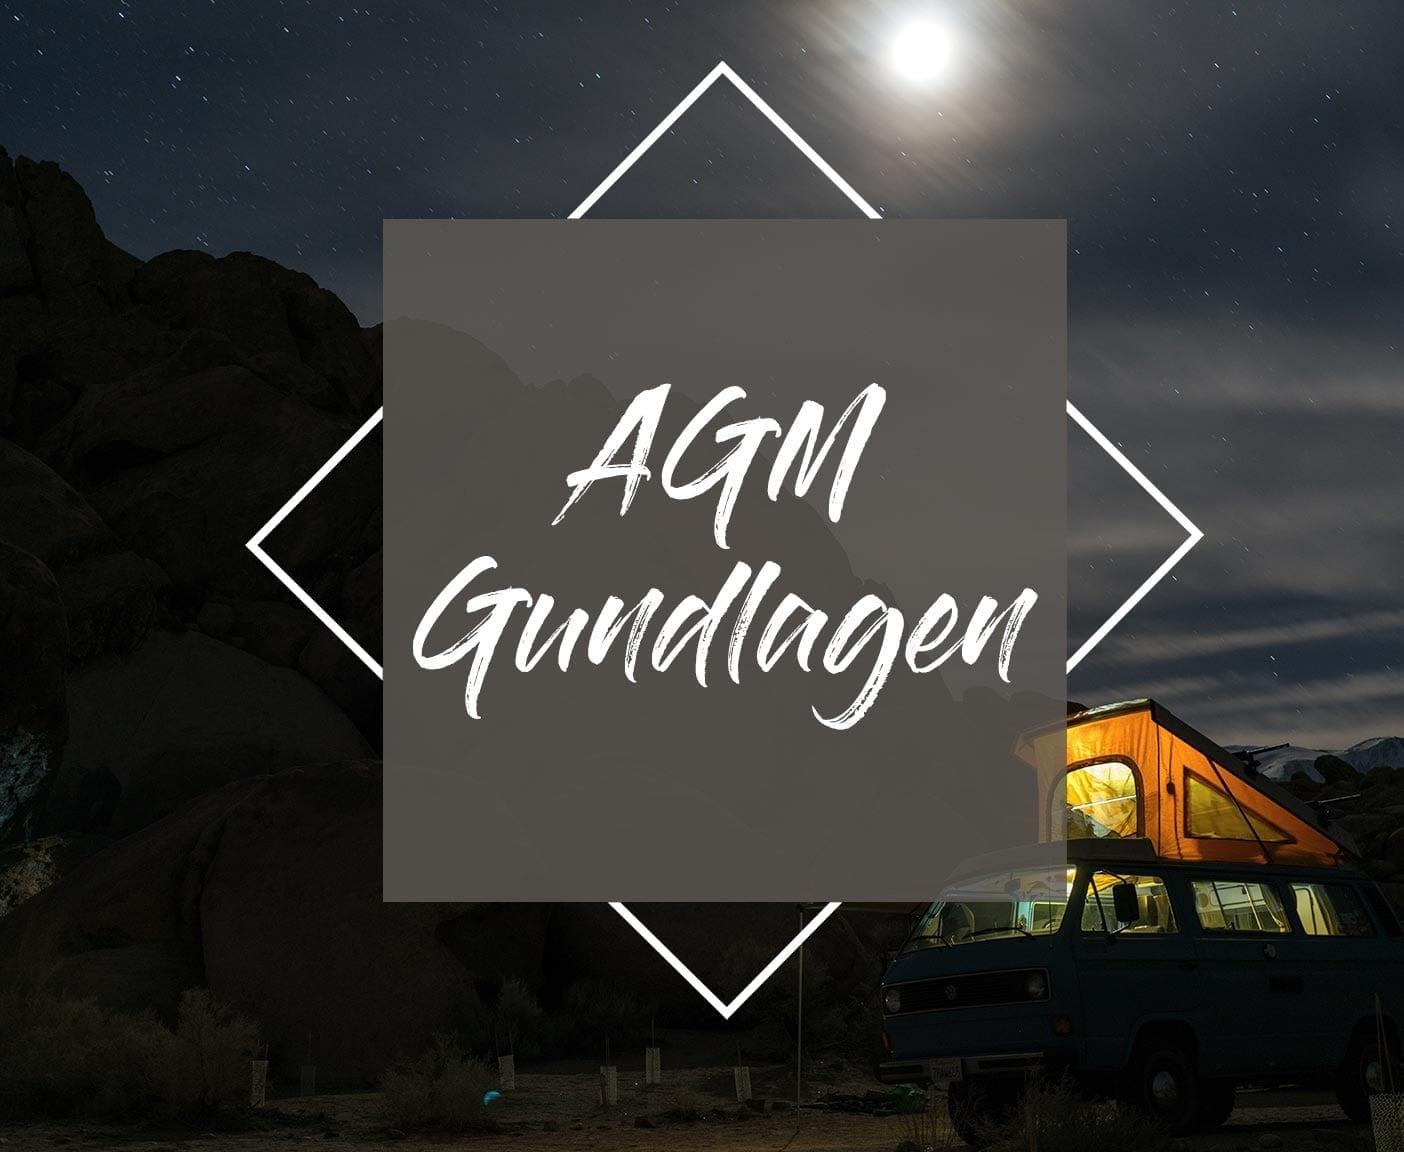 AGM-batterie-richtig-laden-grundlagen-spannung